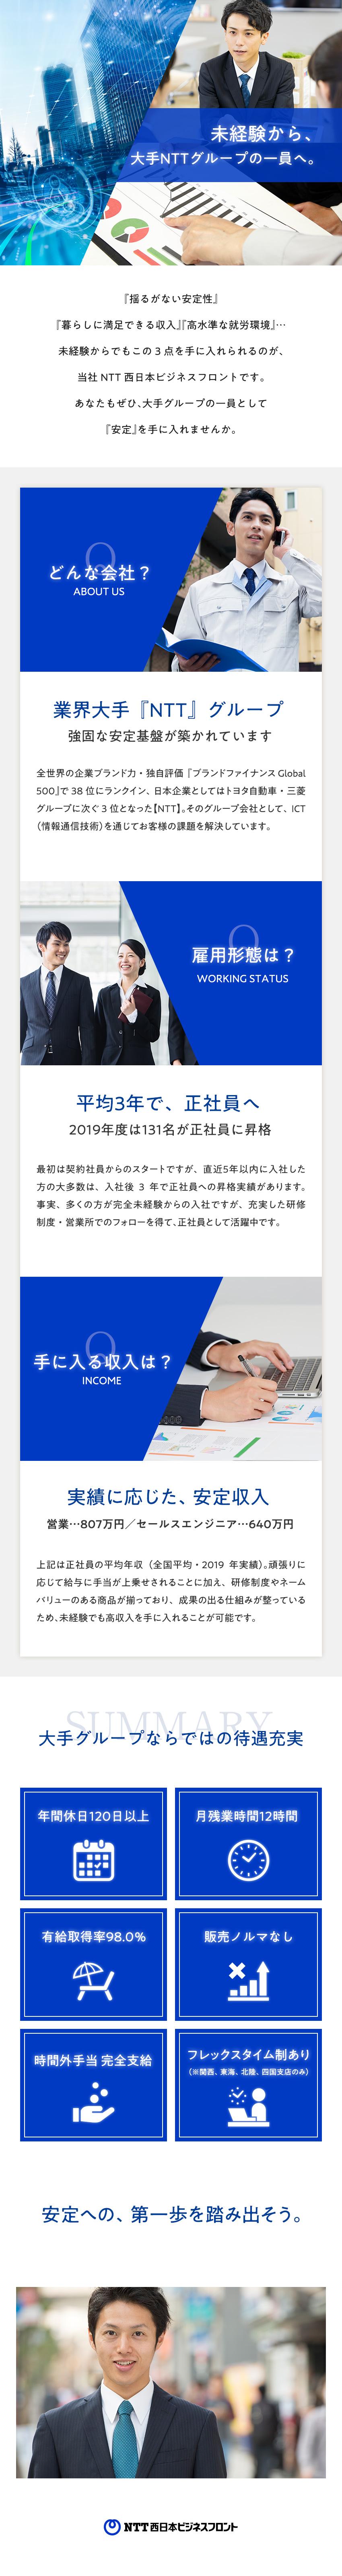 西日本 年収 ntt